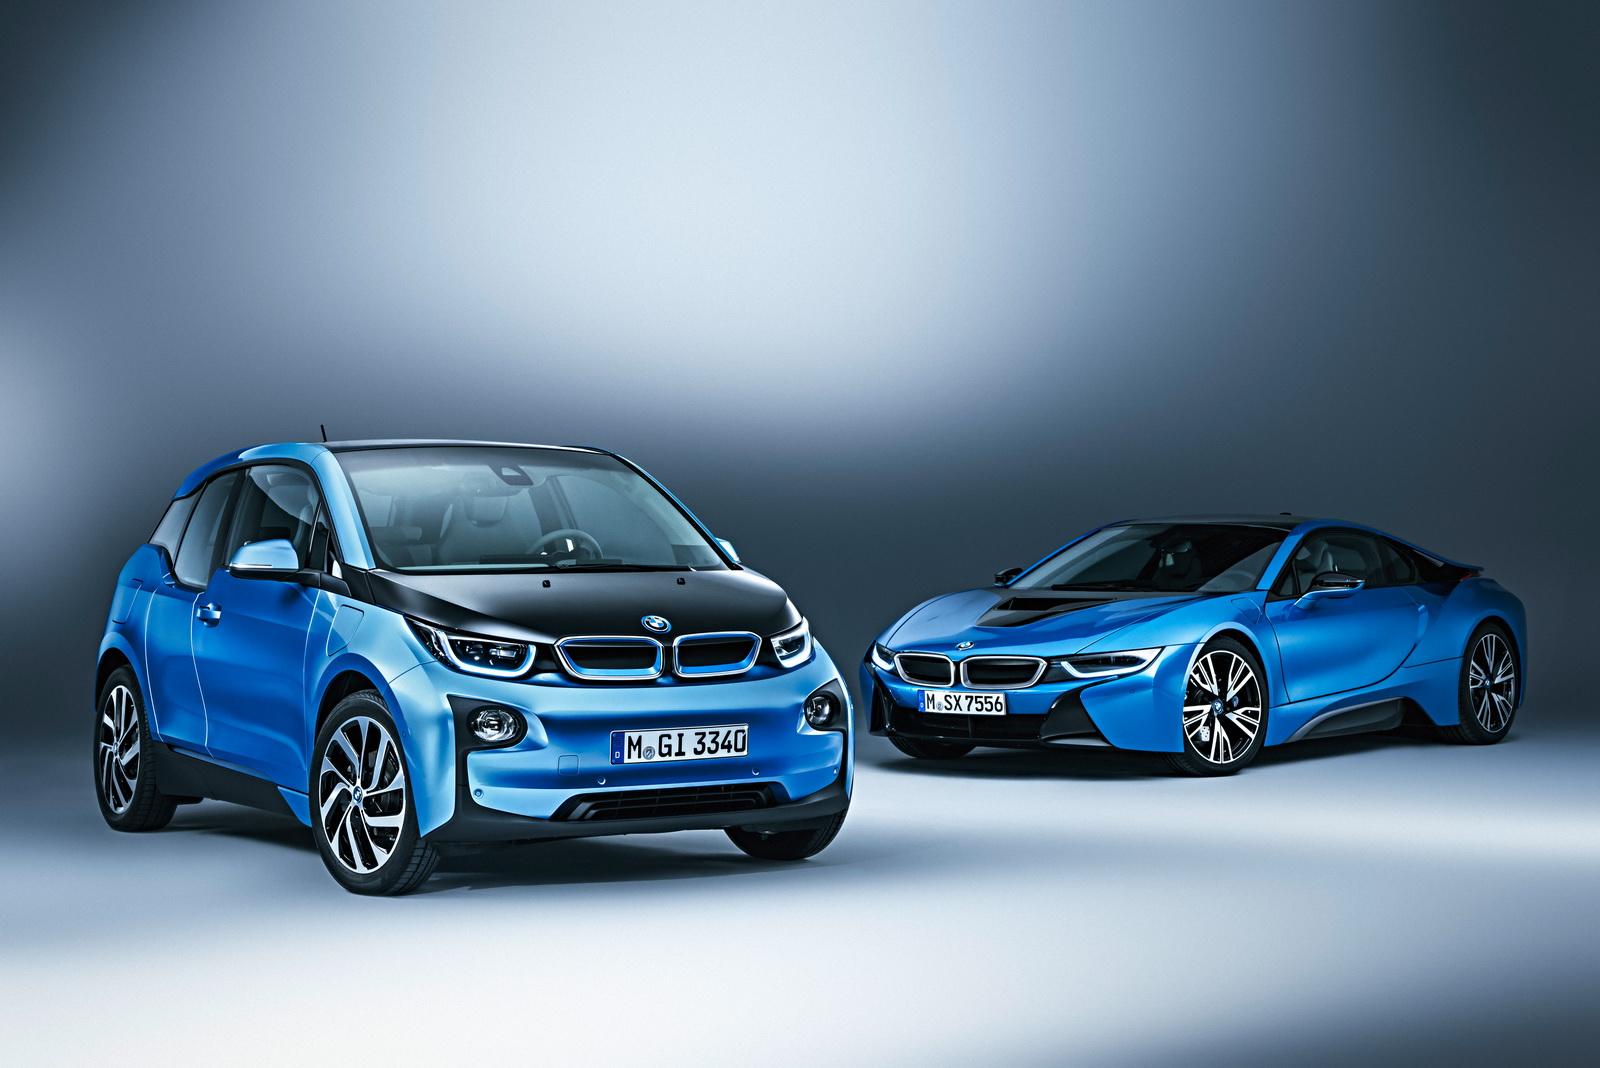 BMW i3 và i8 sẽ là những cú đại bác đầu tiên của BMW vào làng xe điện